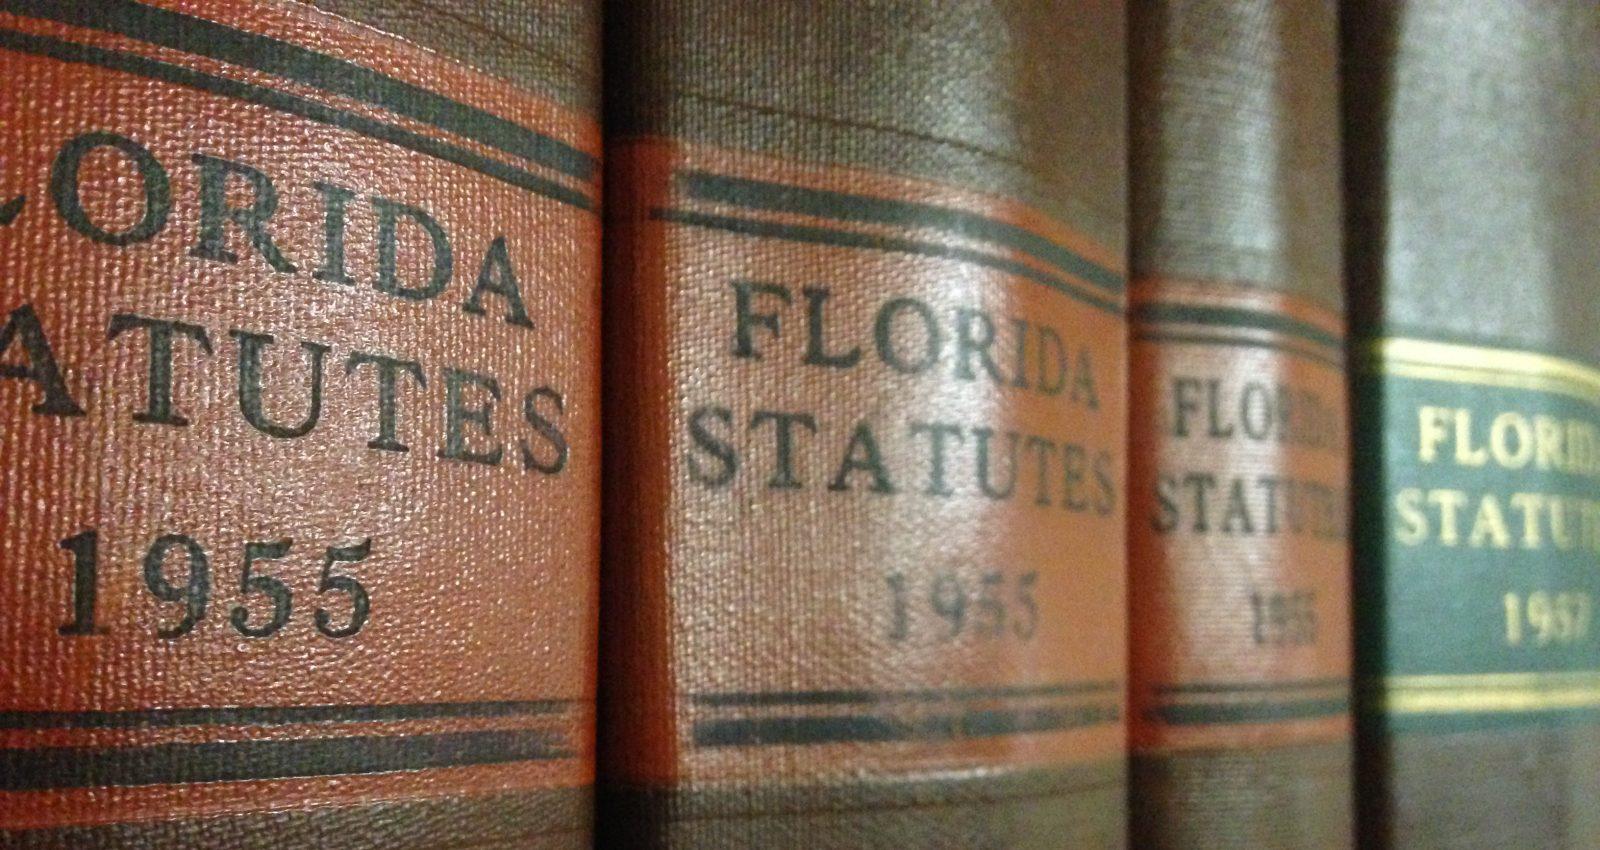 the Battaglia law blog